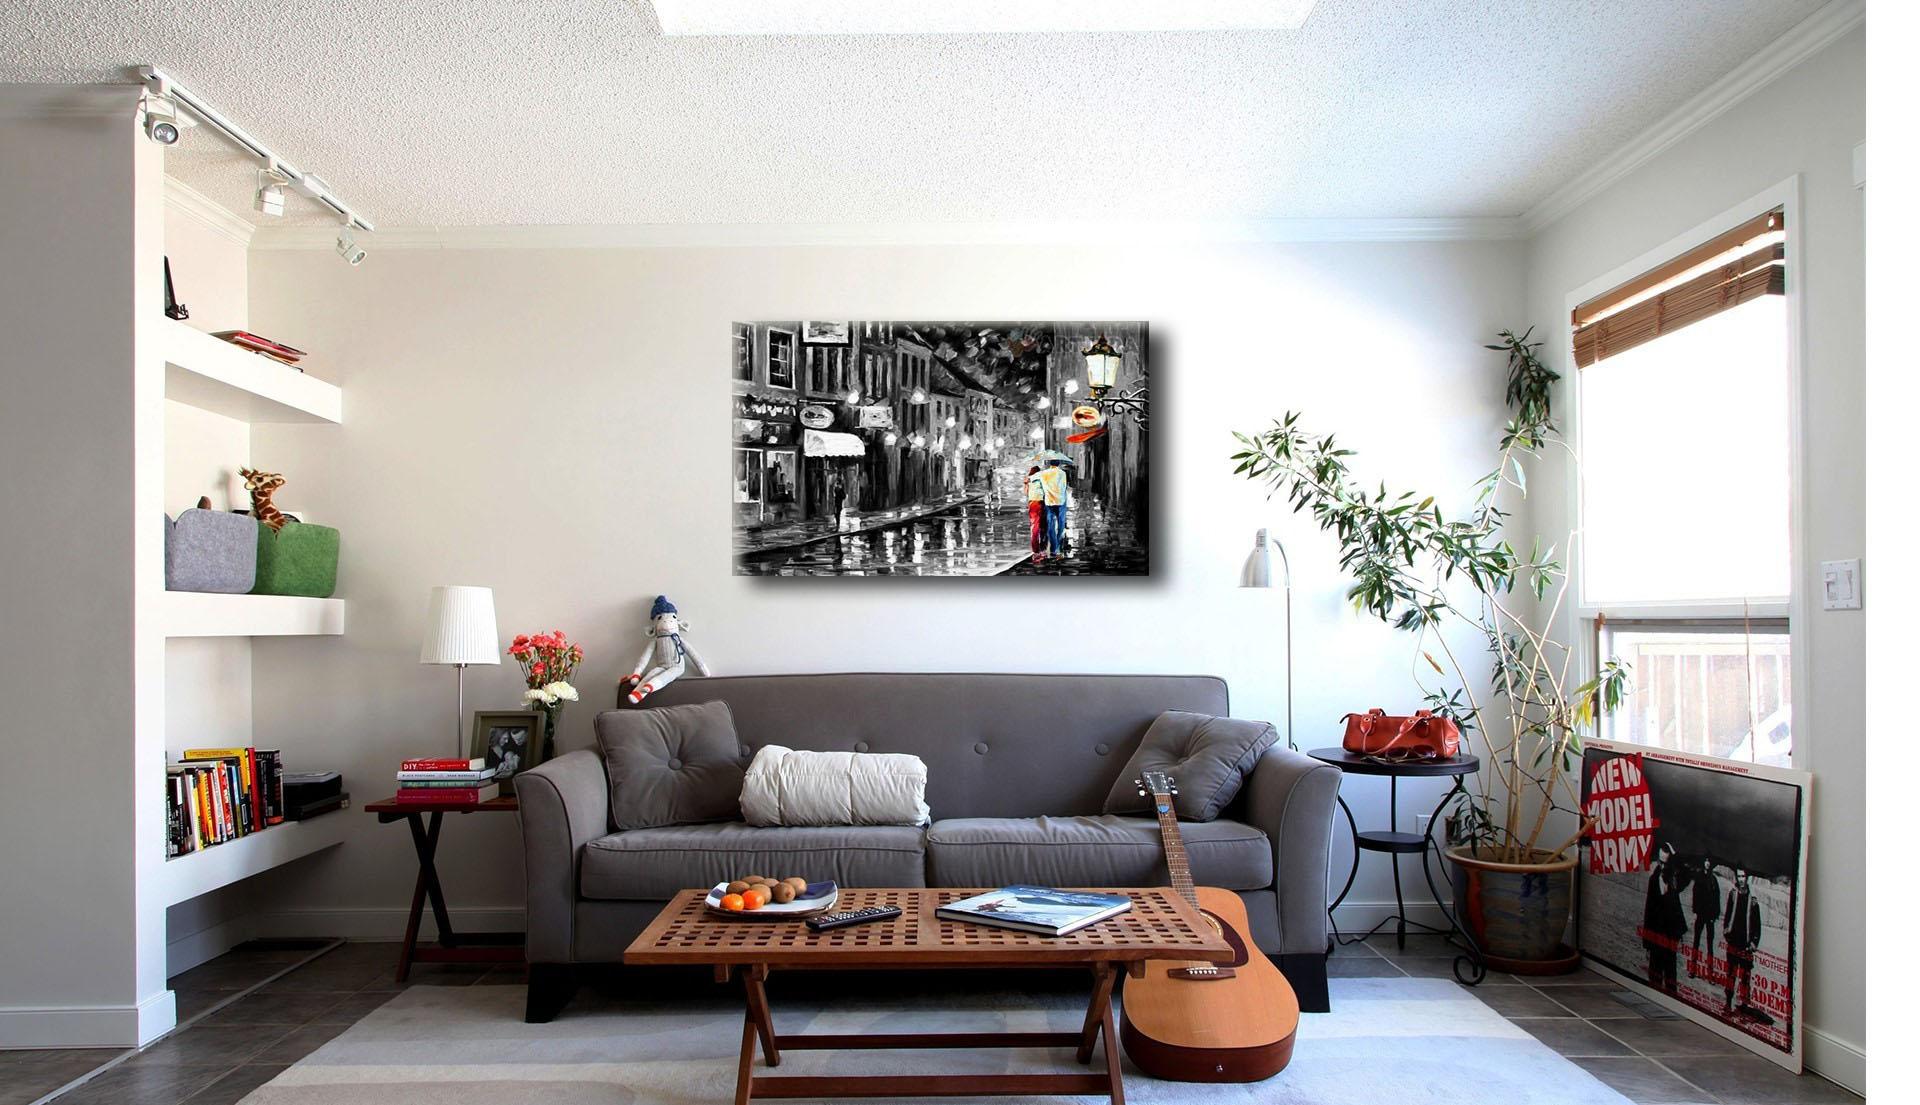 отлично картинки интерьера и мебели квартир сатана защищена